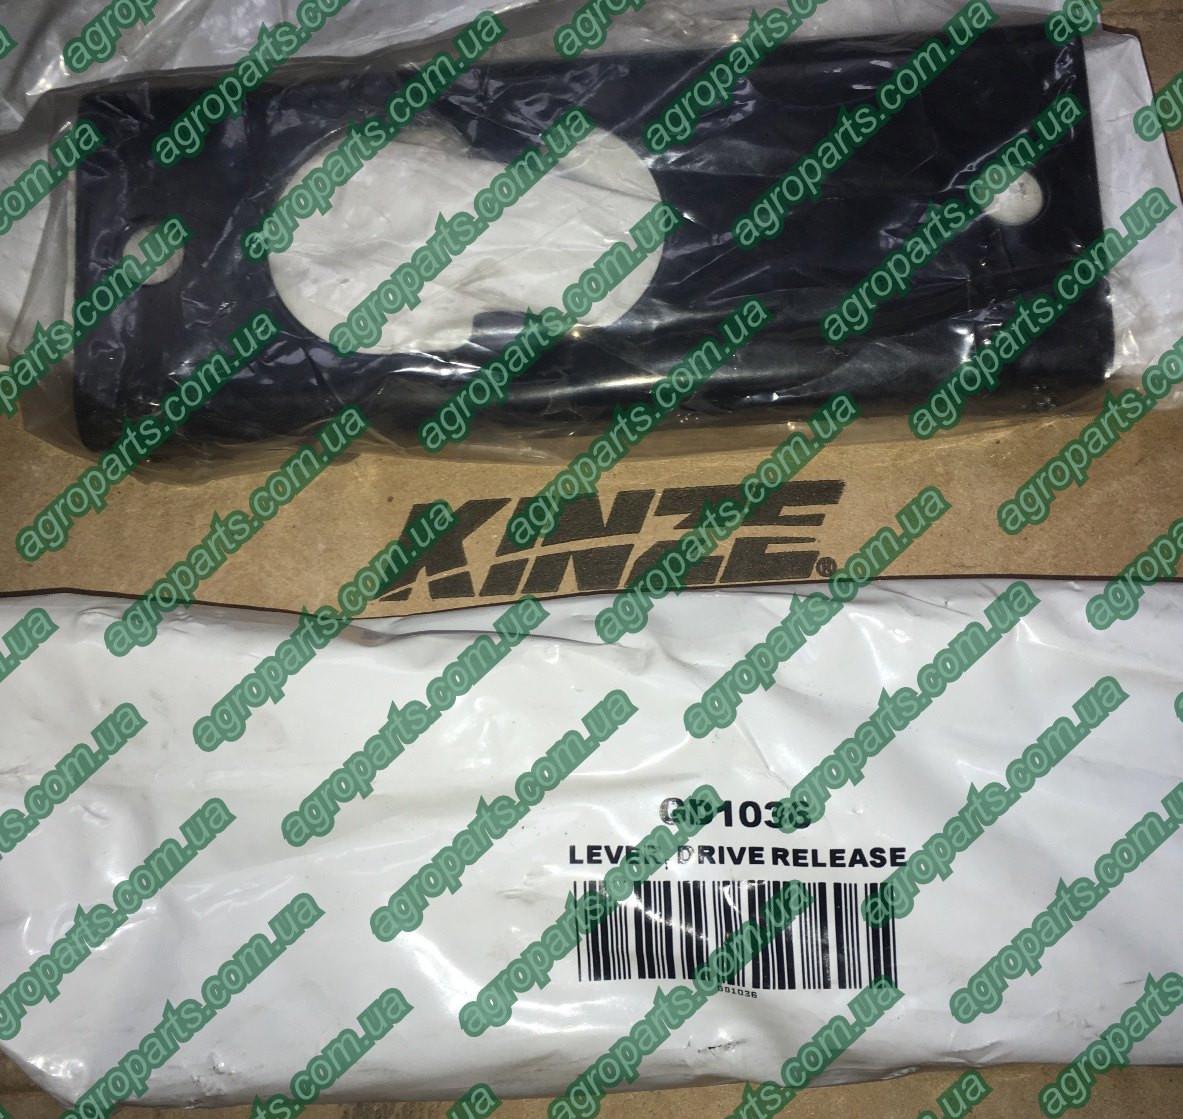 Щиток GD1036 пластина A25072 высев. аппарата Kinze gd1036 Джон Дир LEVER, DRIVE RELEASE а25072